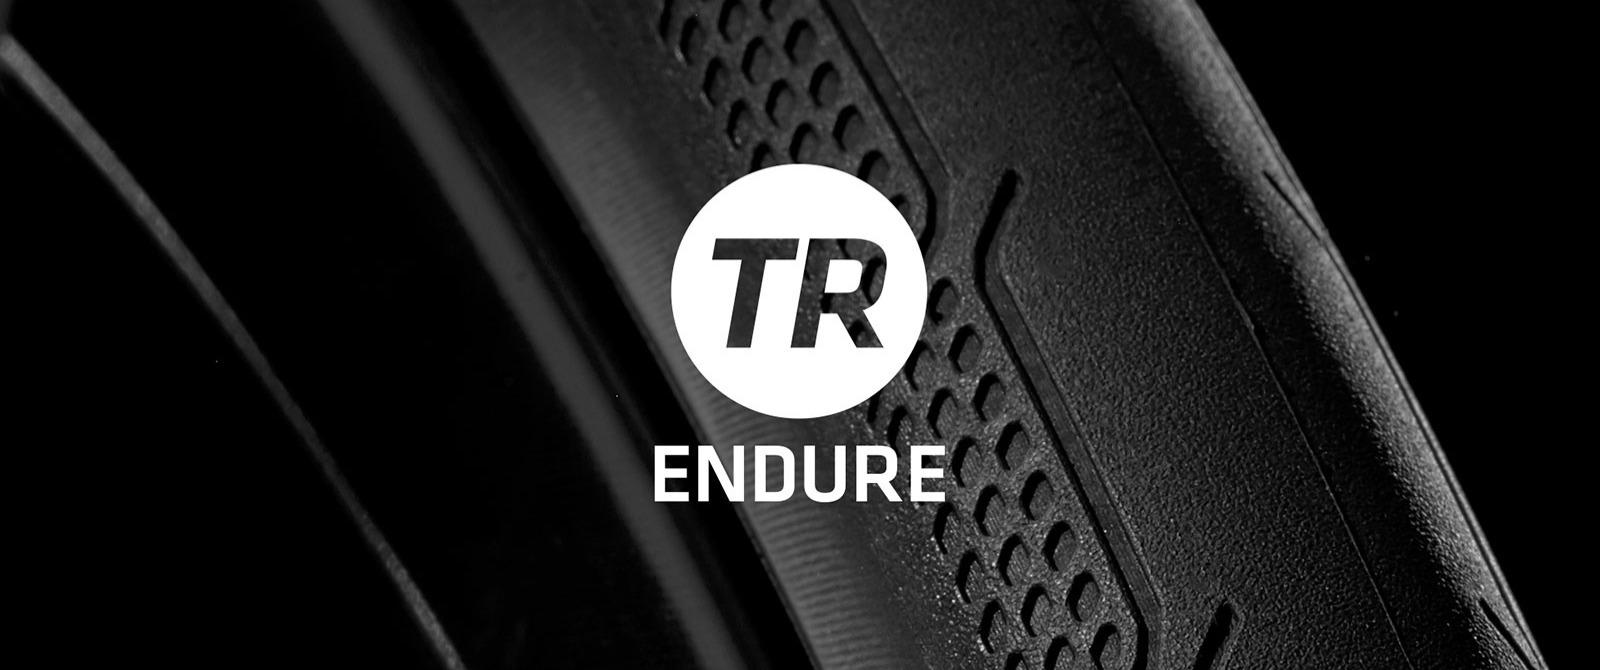 TR Endure